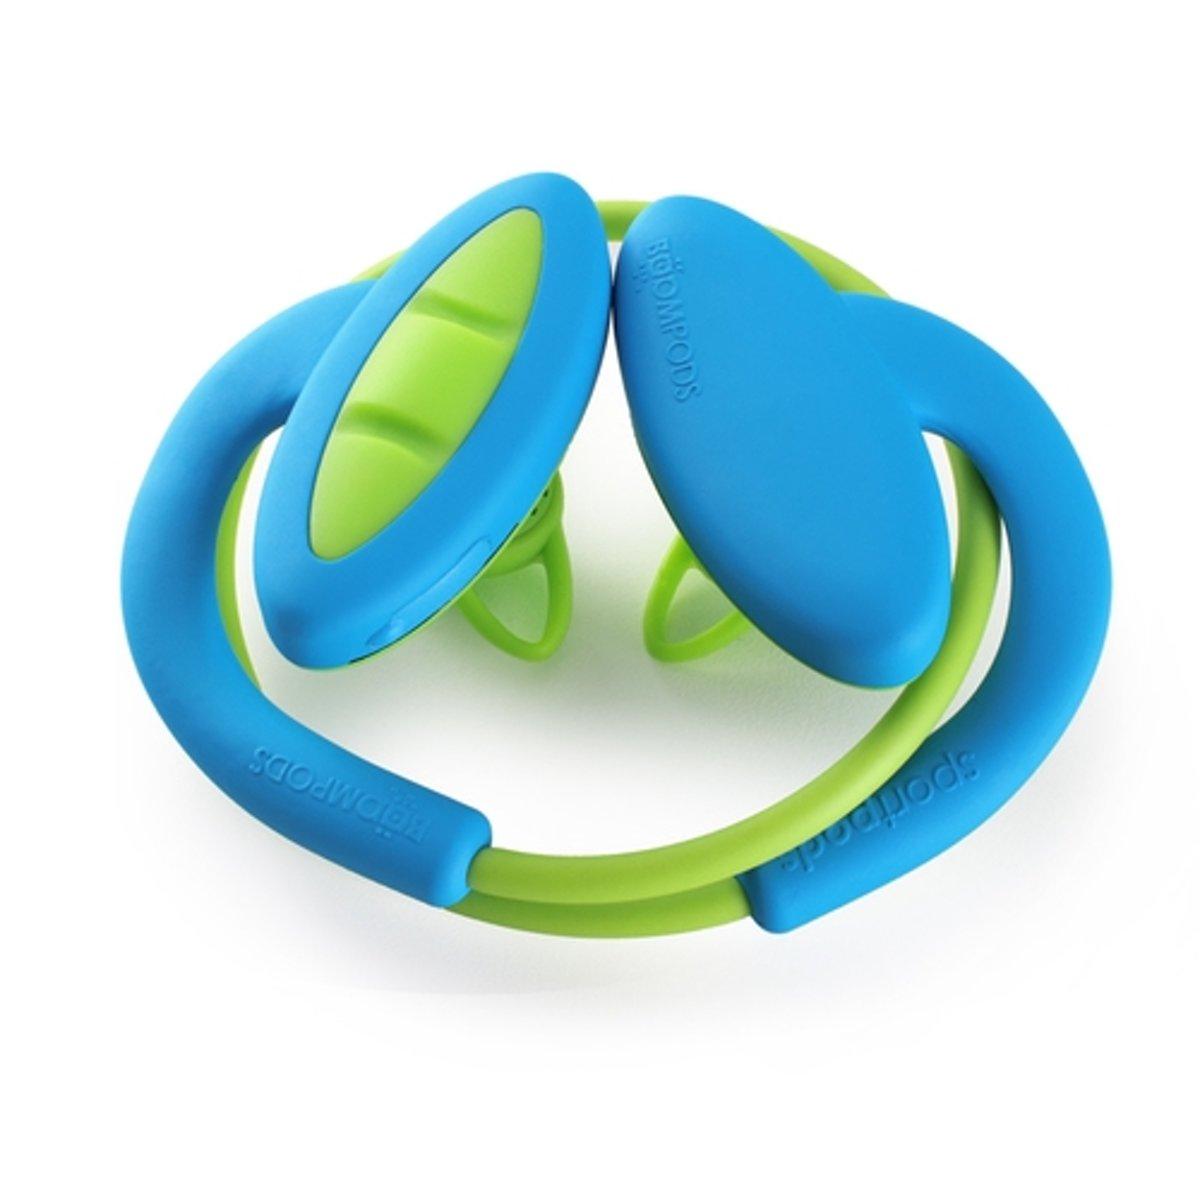 Boompods Sportpods 2 blauw/groen kopen